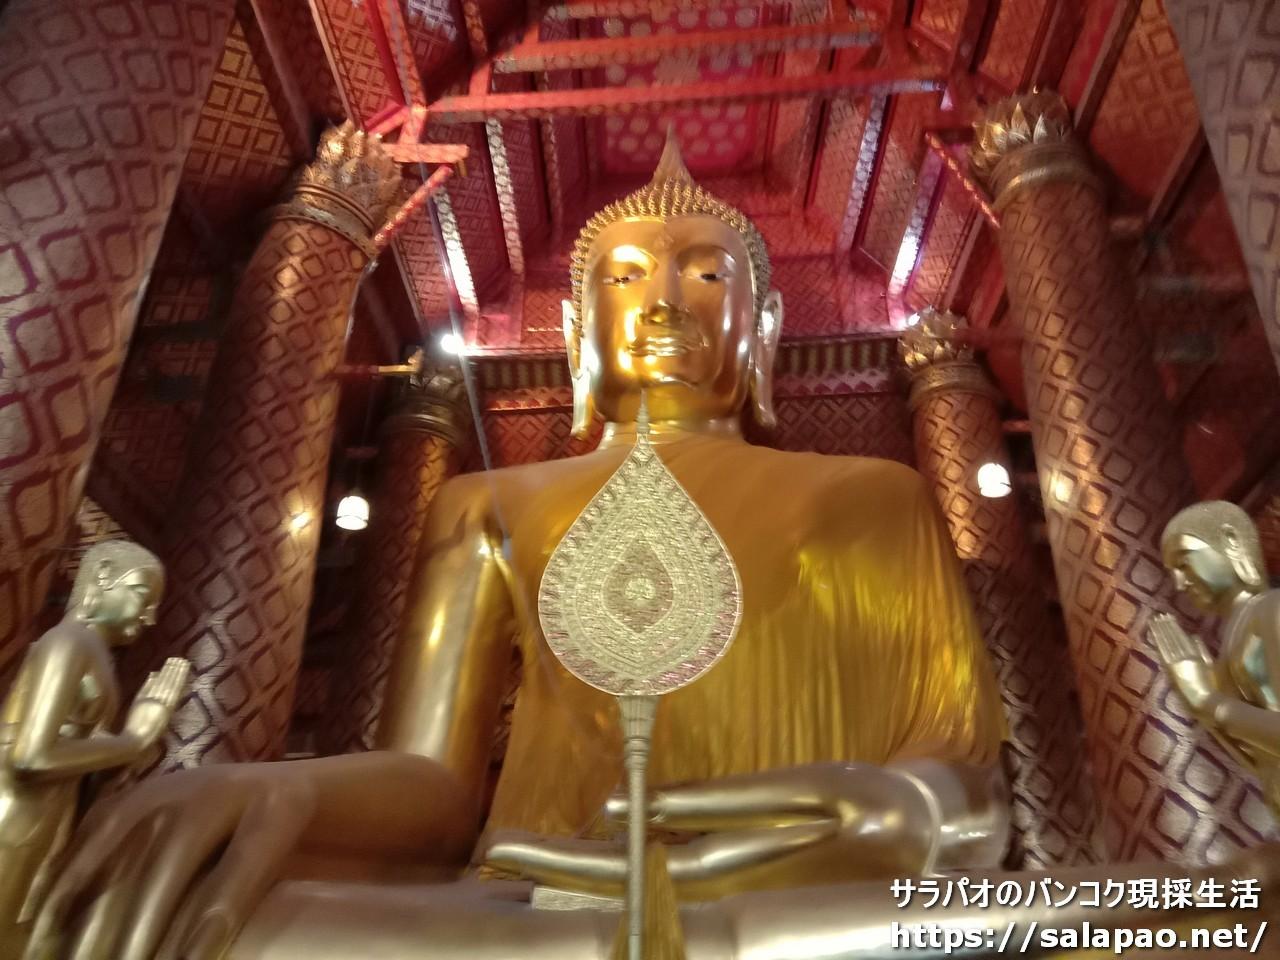 ワット・パナンチューンは縁起が良いとされる歴史ある寺院 in アユタヤ